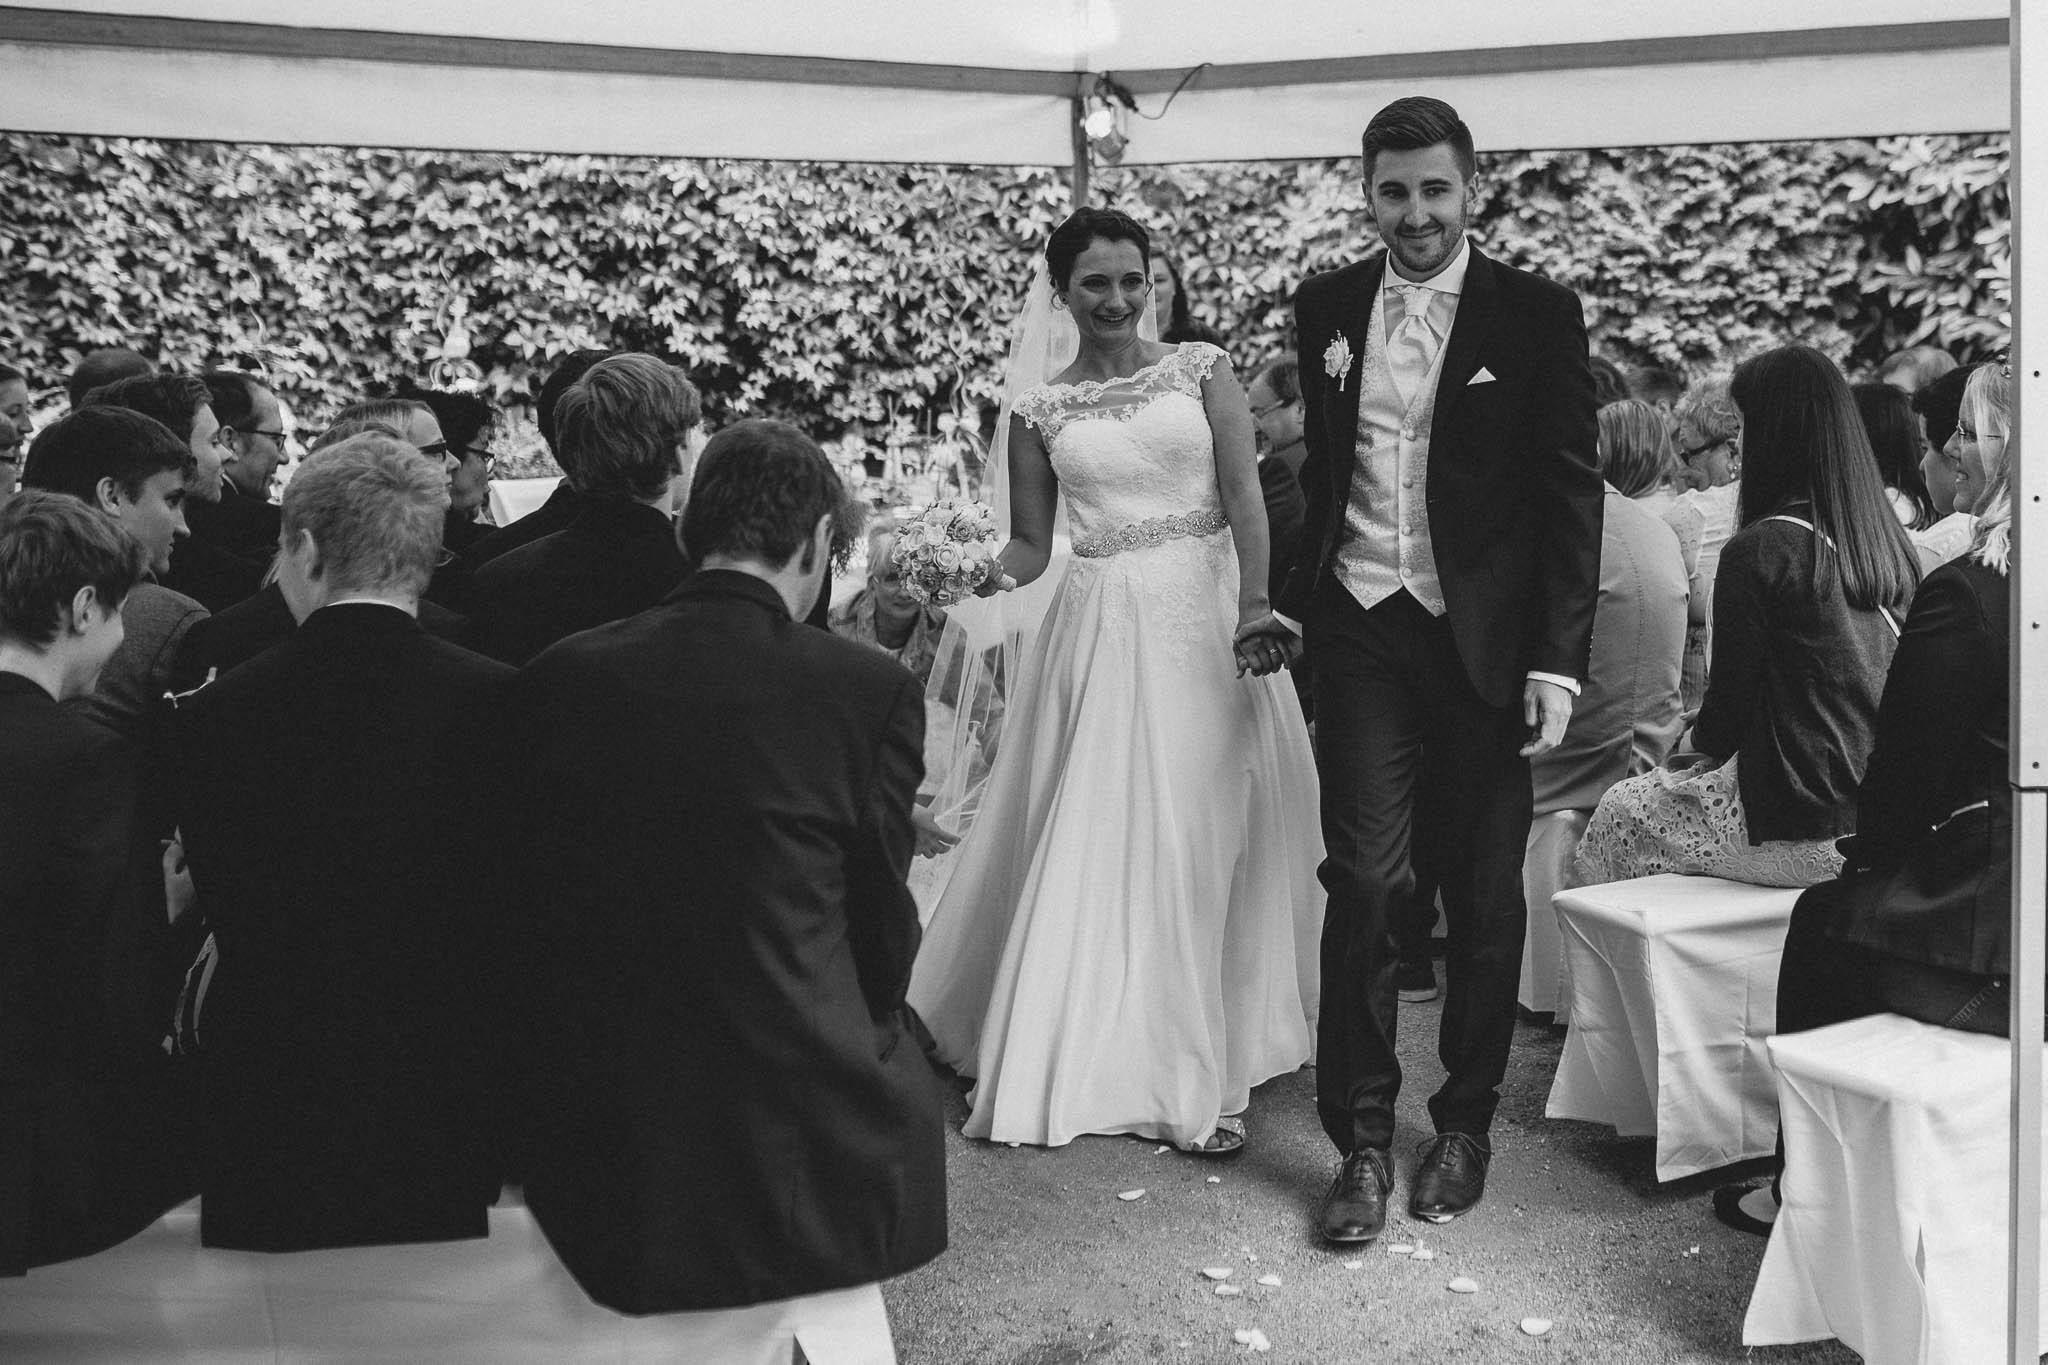 Hochzeitsfotograf Monzernheim: freie Trauung von Sarah & Patrick 35